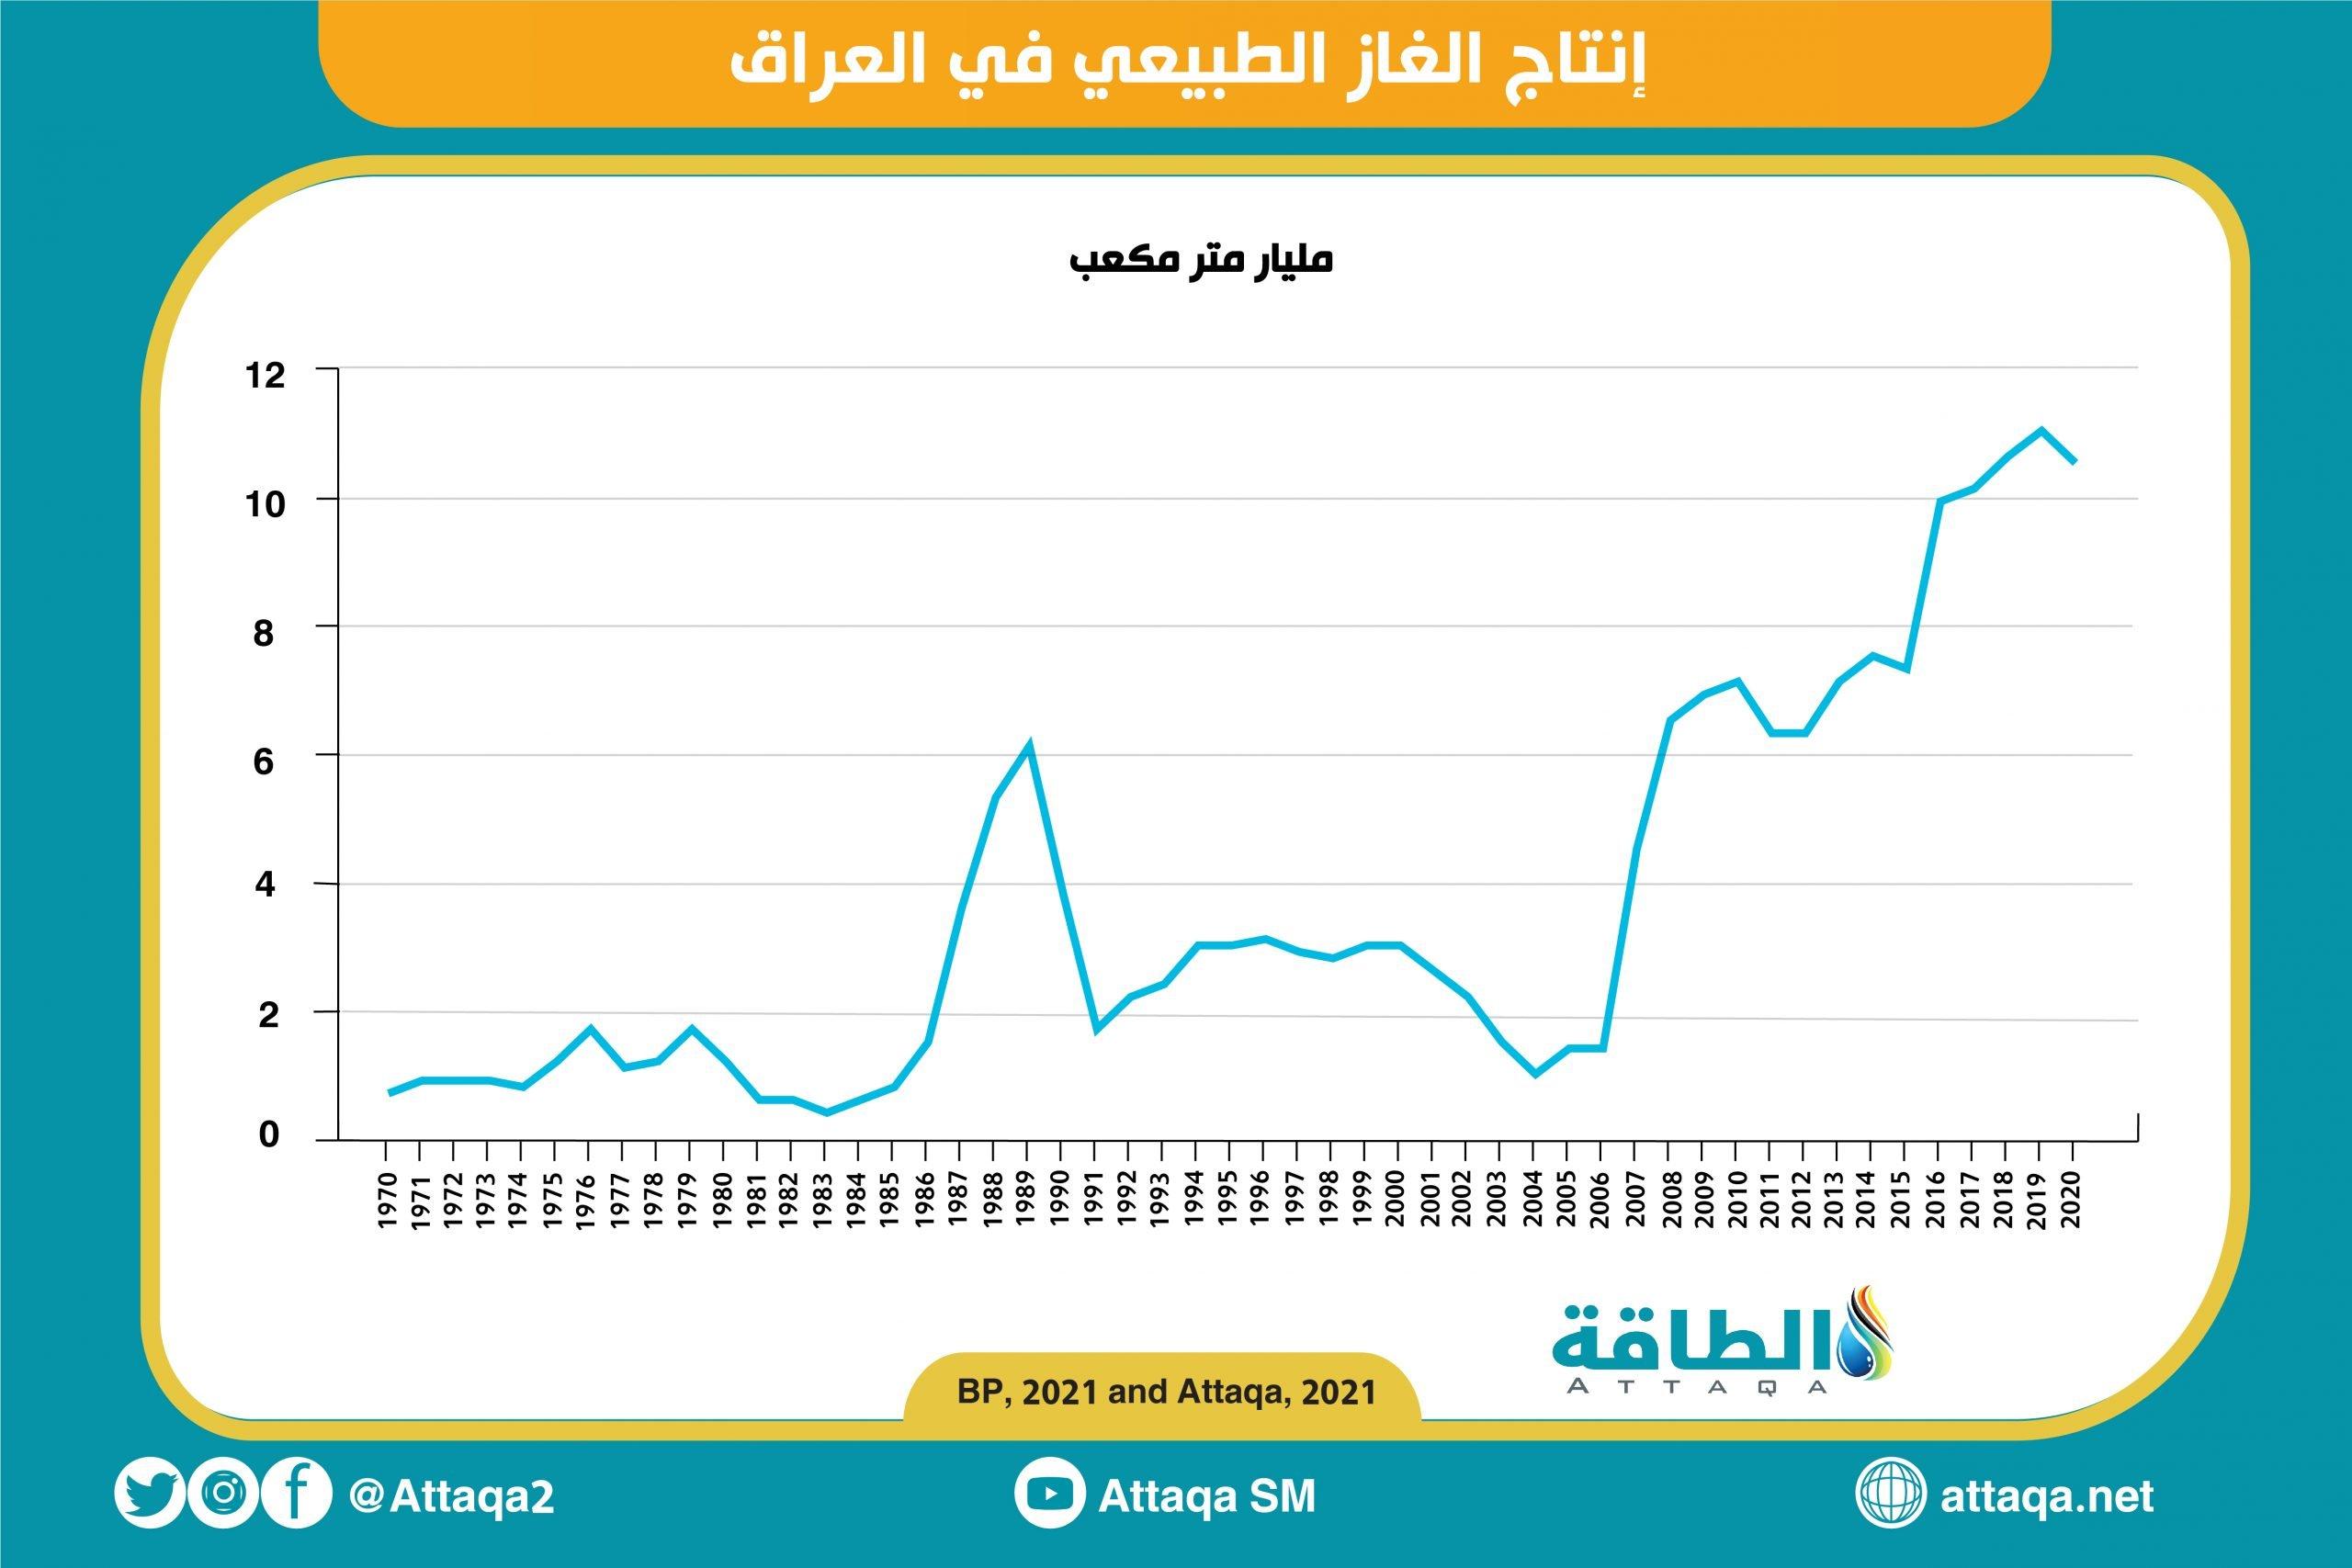 العراق - إنتاج الغاز